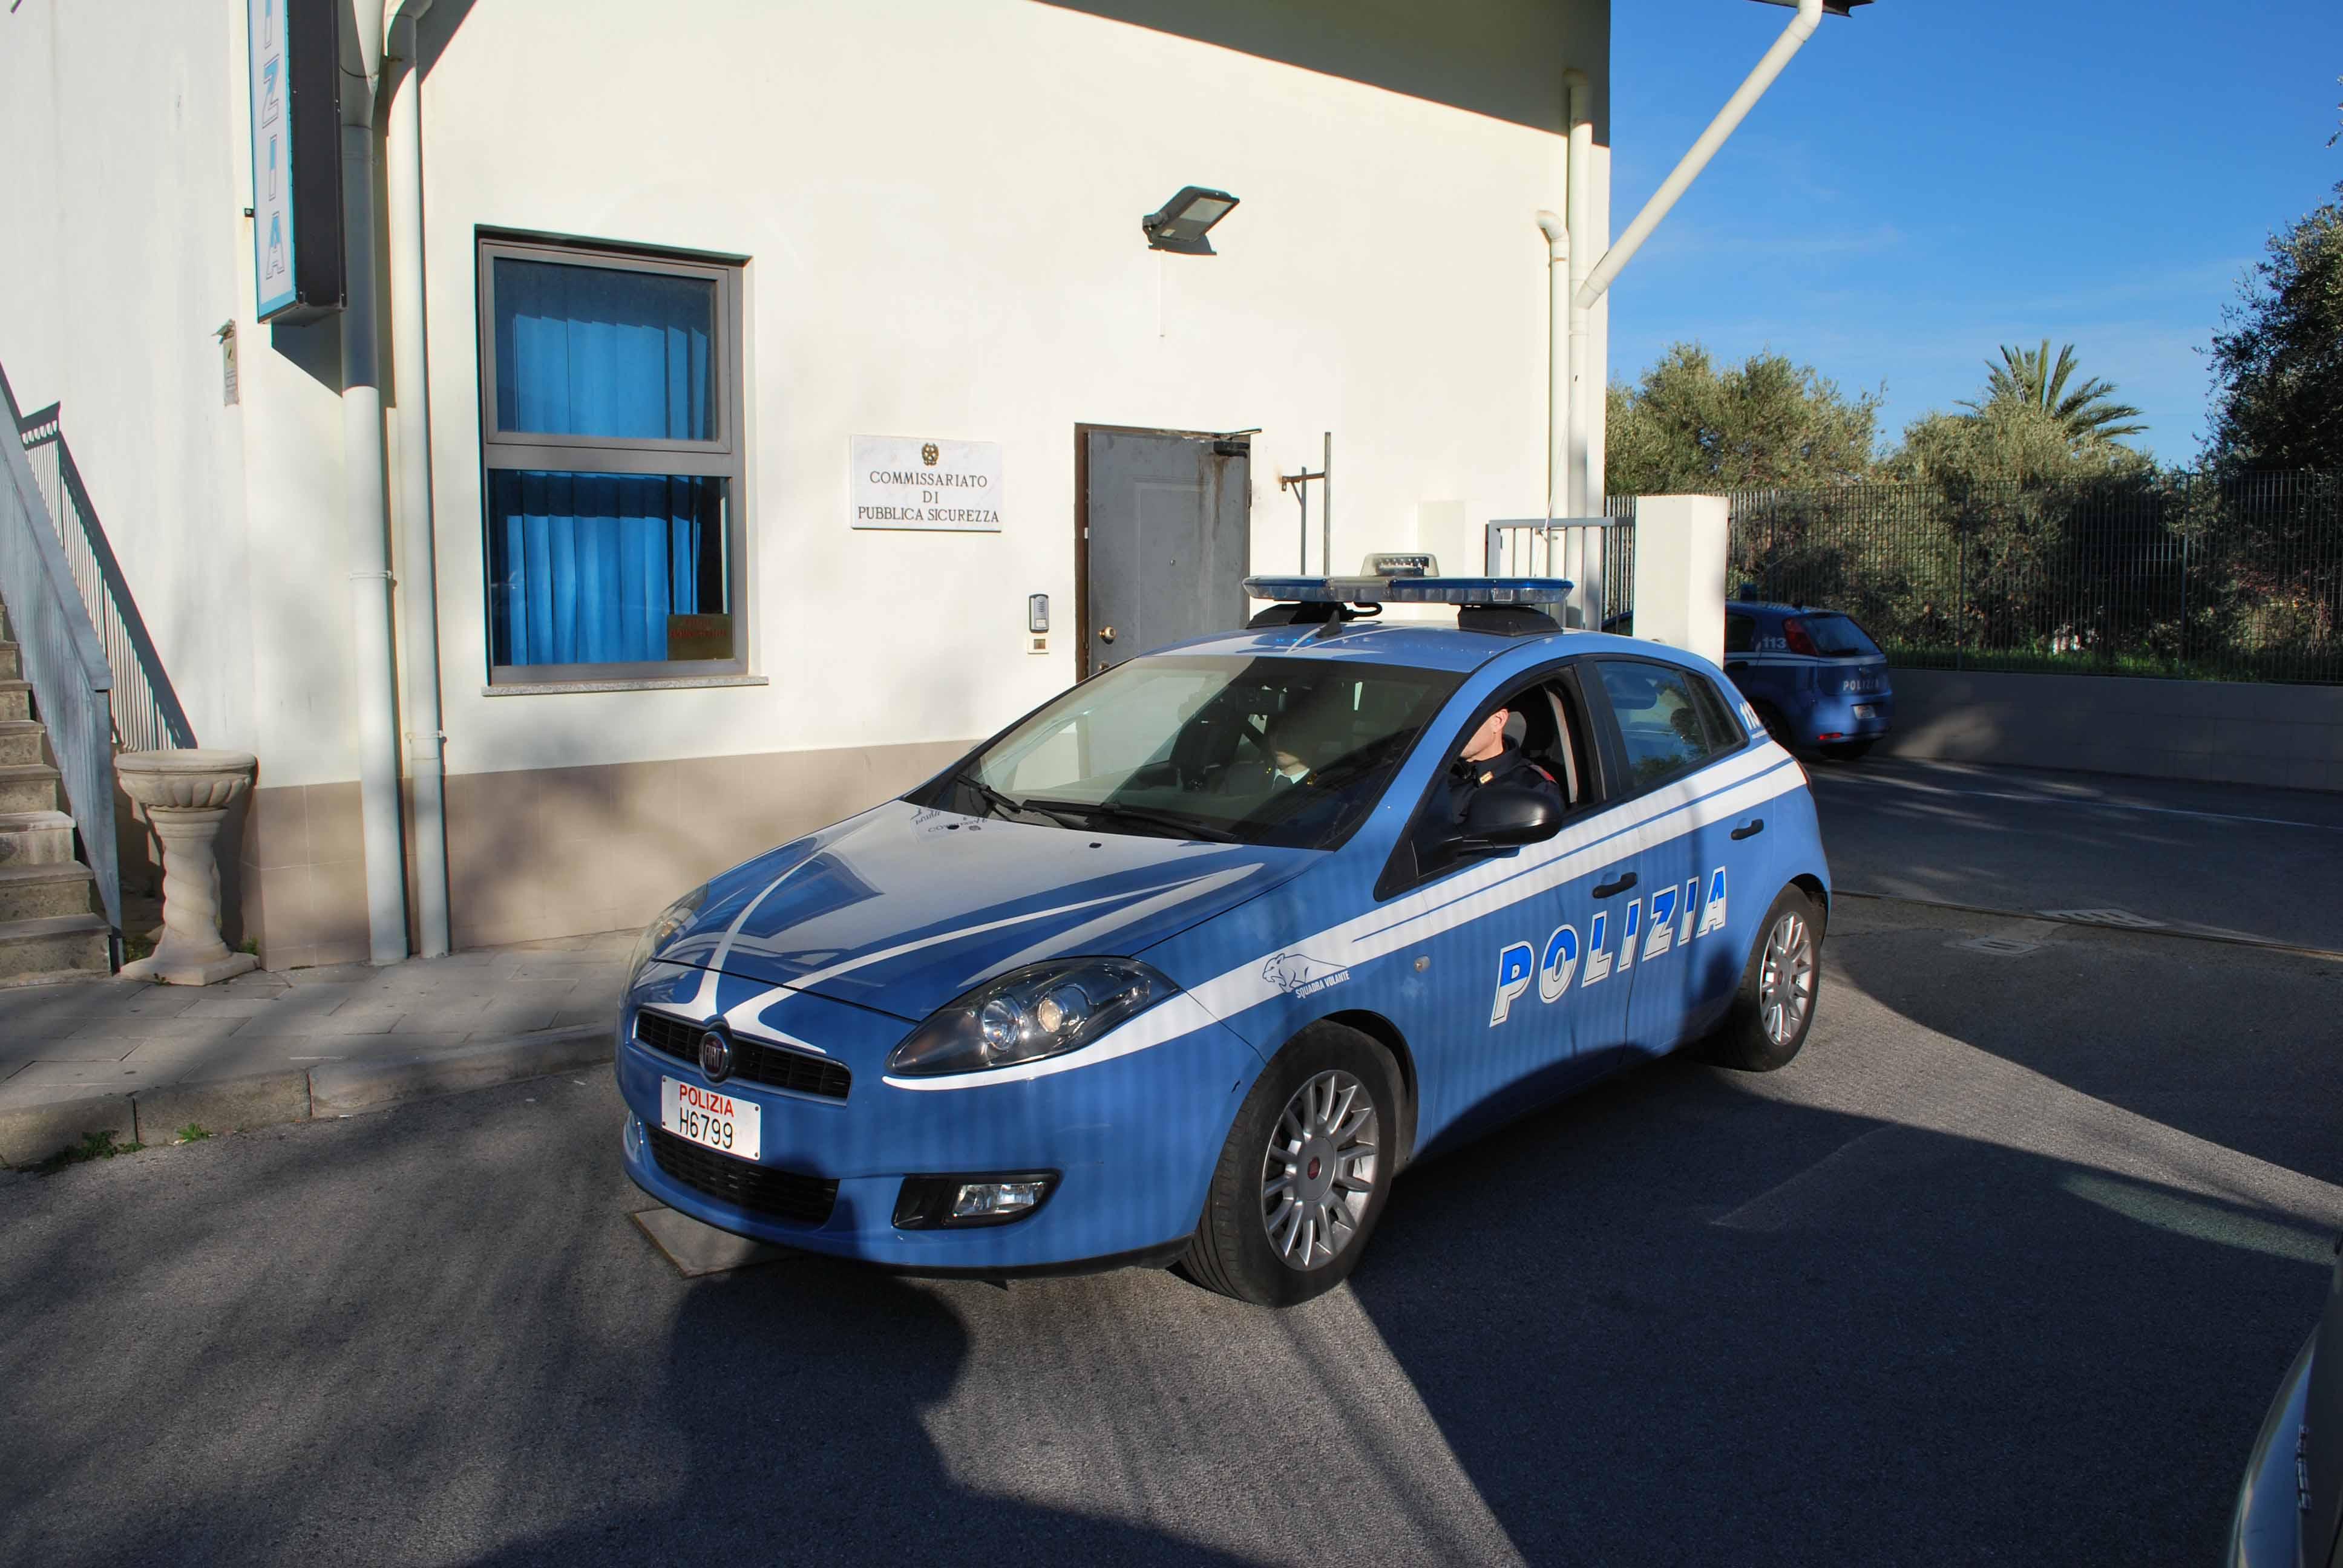 Polizia di stato questure sul web messina for Polizia di stato soggiorno